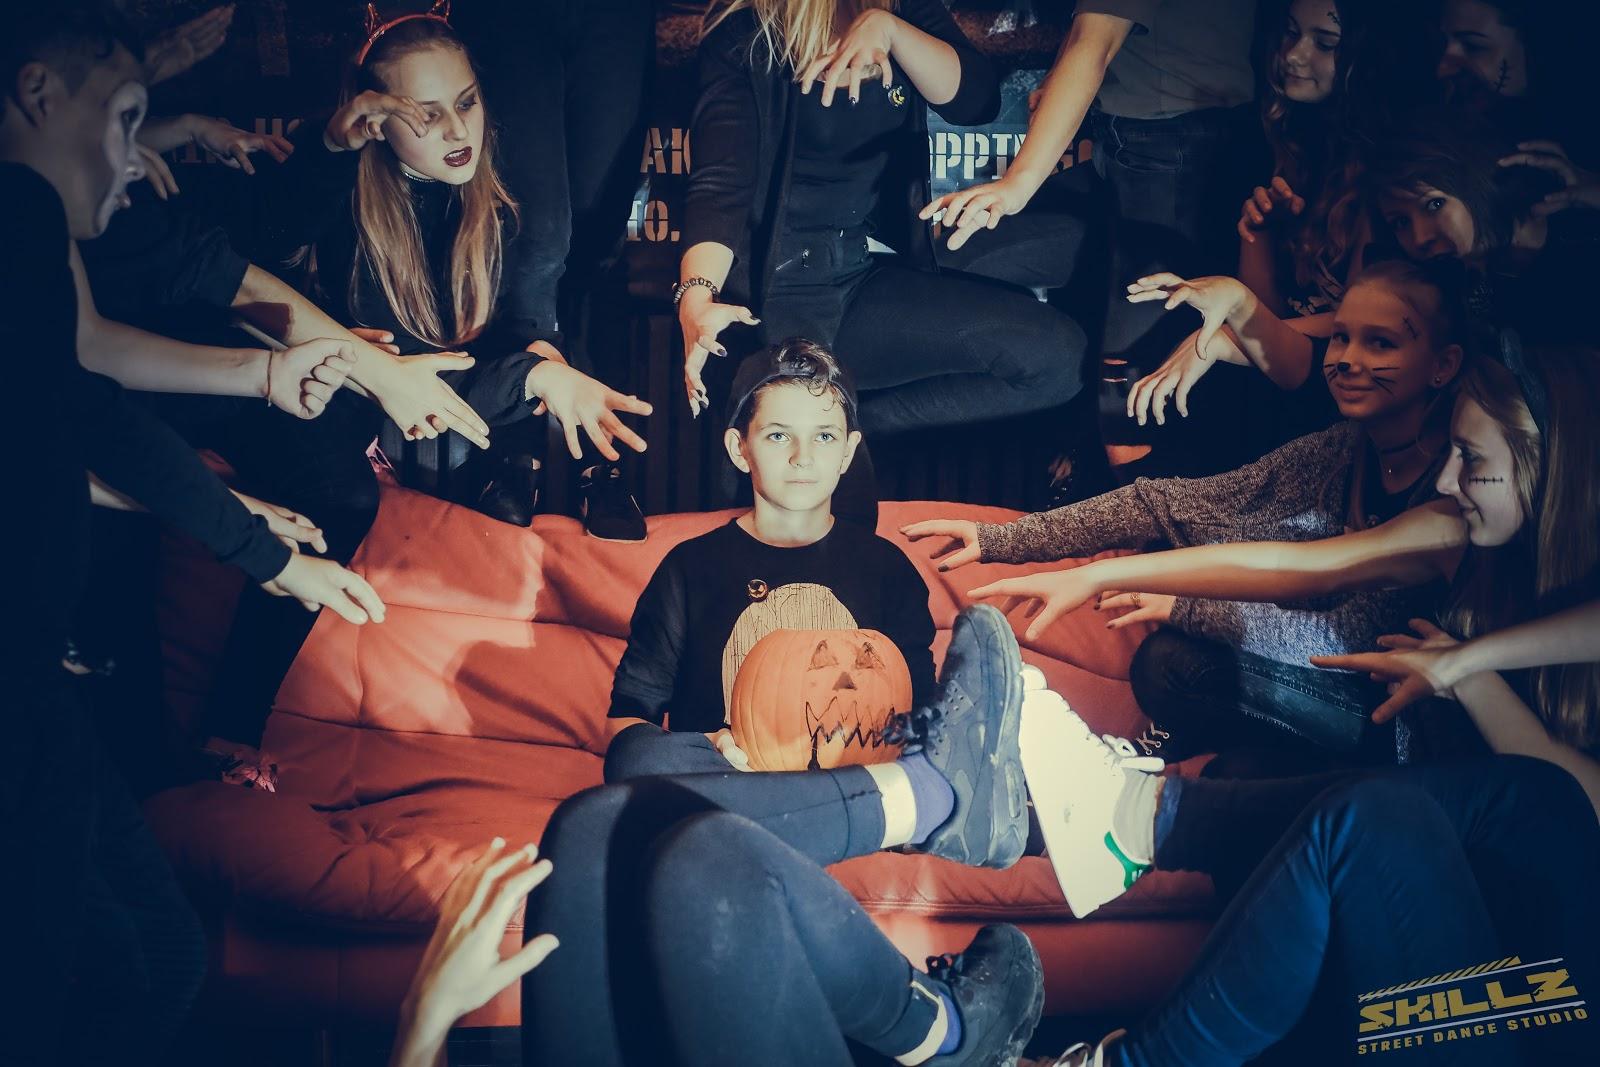 Naujikų krikštynos @SKILLZ (Halloween tema) - PANA2107.jpg